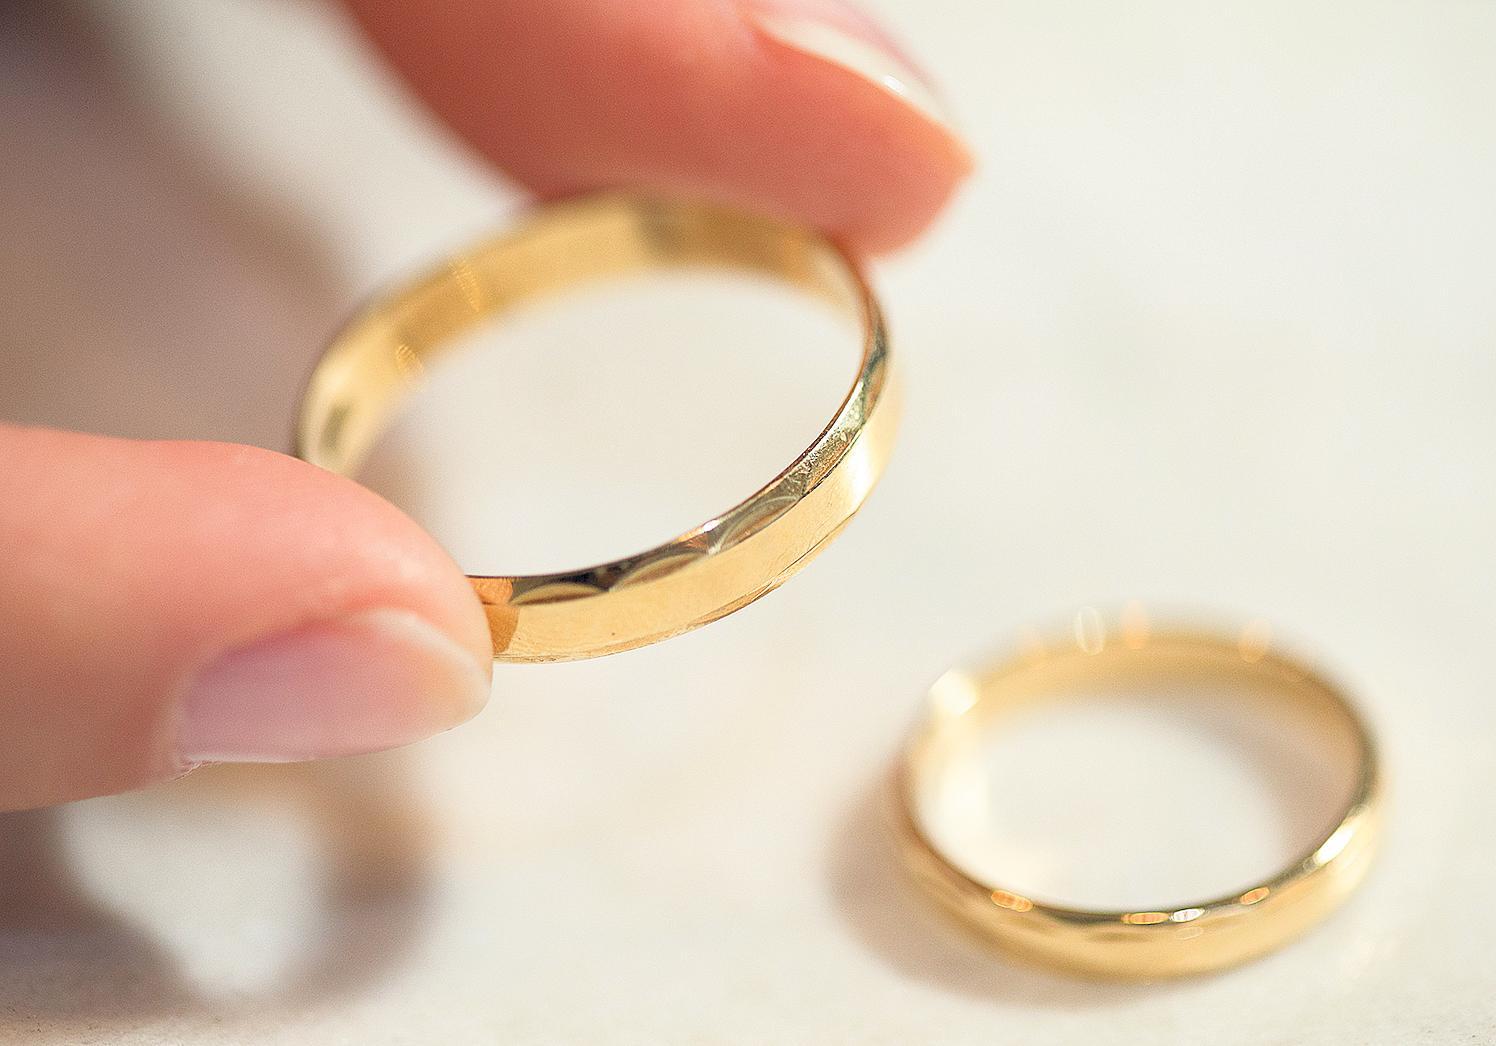 """Nach dem """"Ja"""" gehören die passenden Ringe für Verlobte beziehungsweise Verheiratete unbedingt dazu. FOTOS: DPA"""